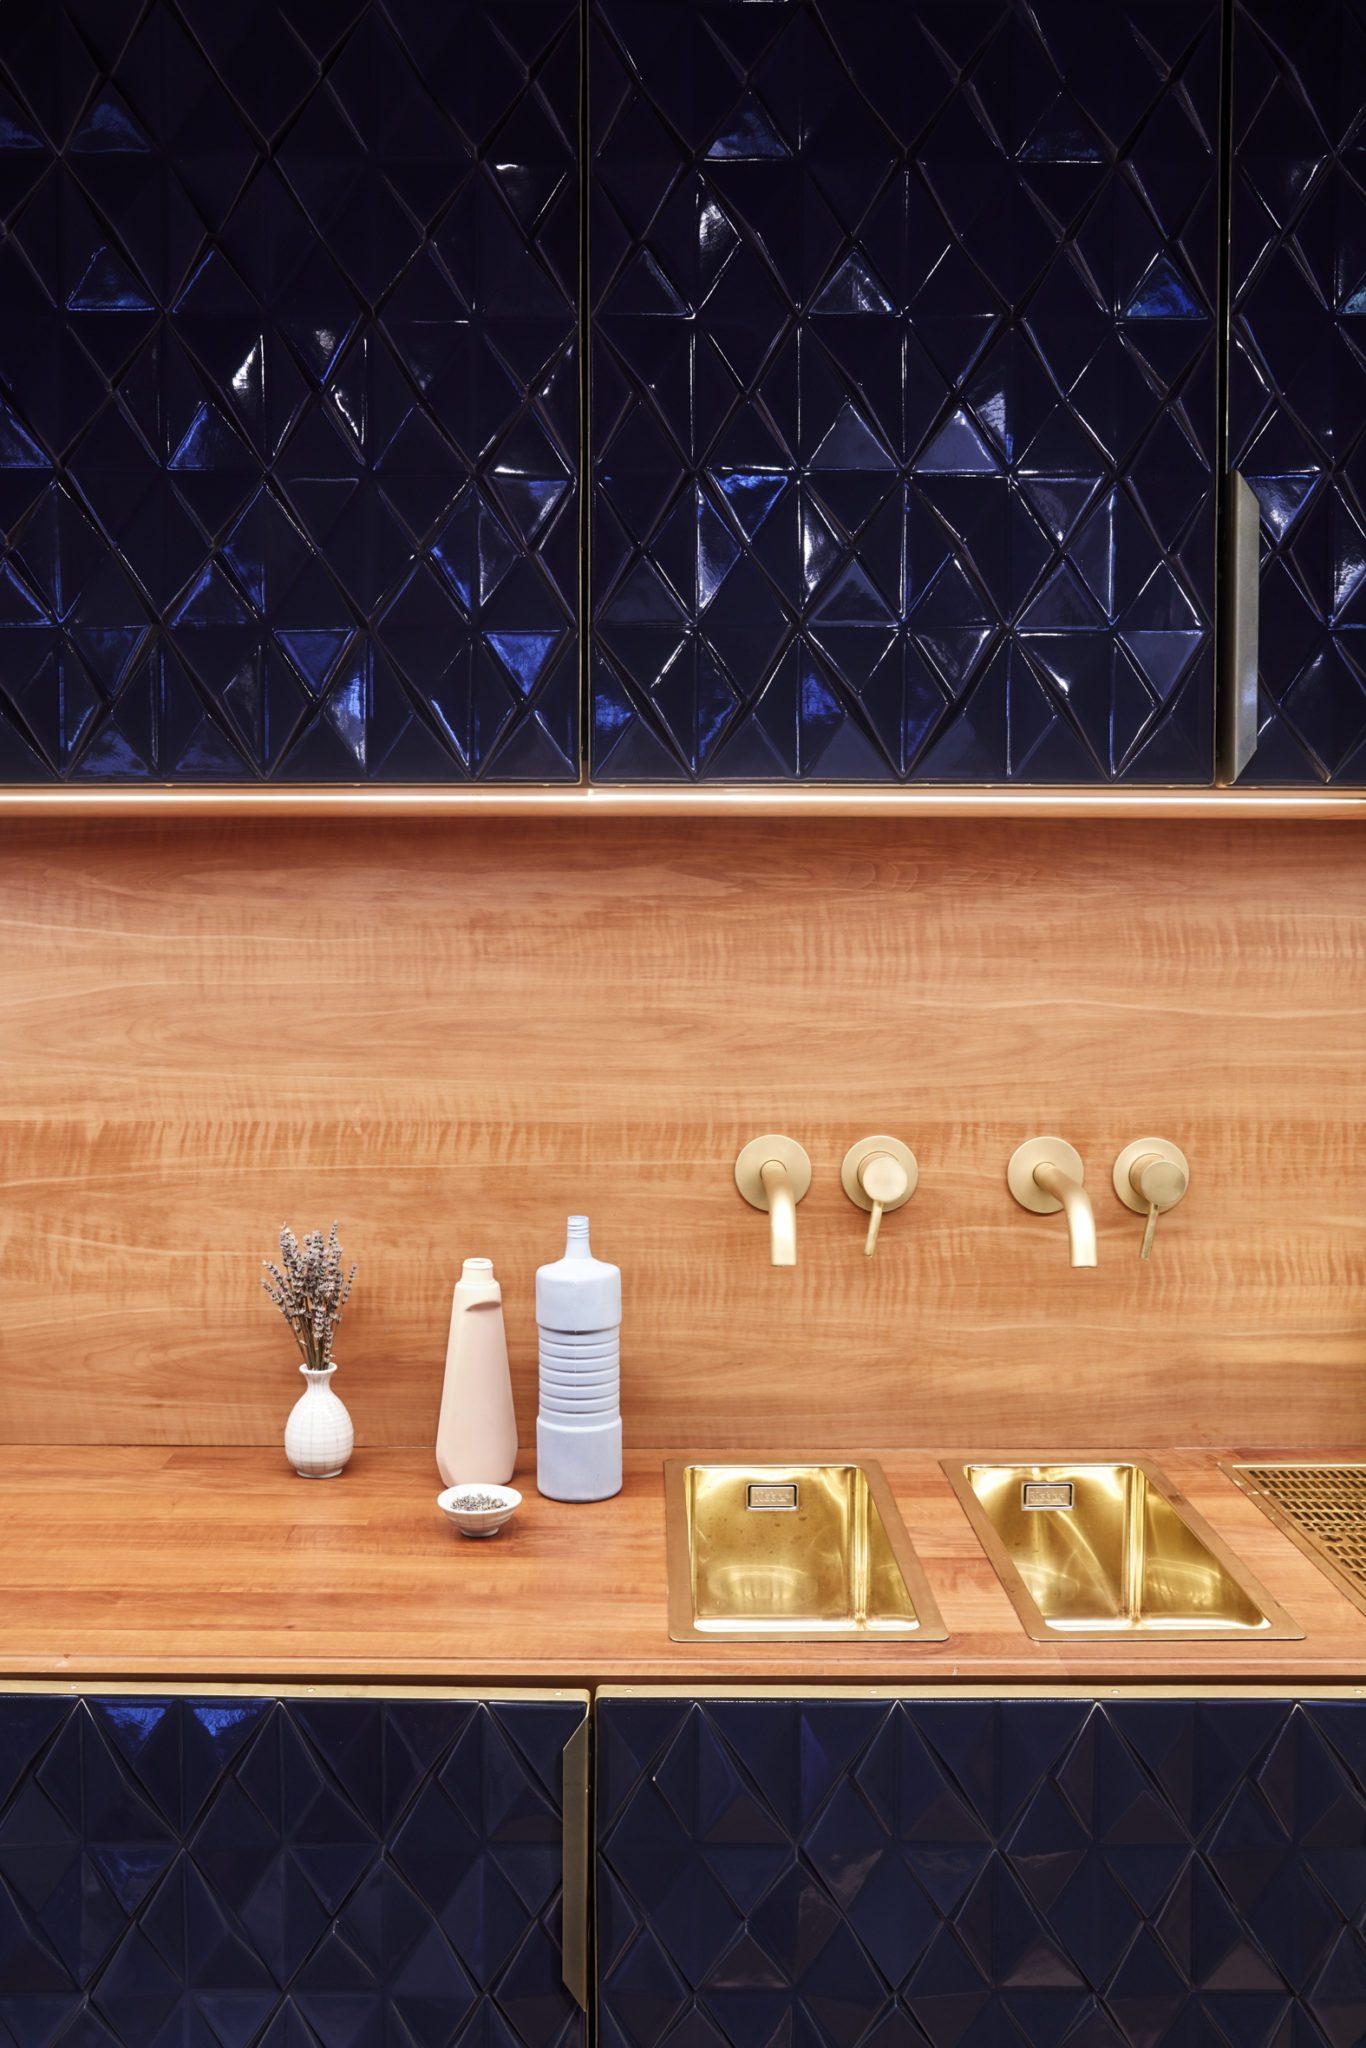 Die Waschbecken in der Bar Bonechina in Frankfurt